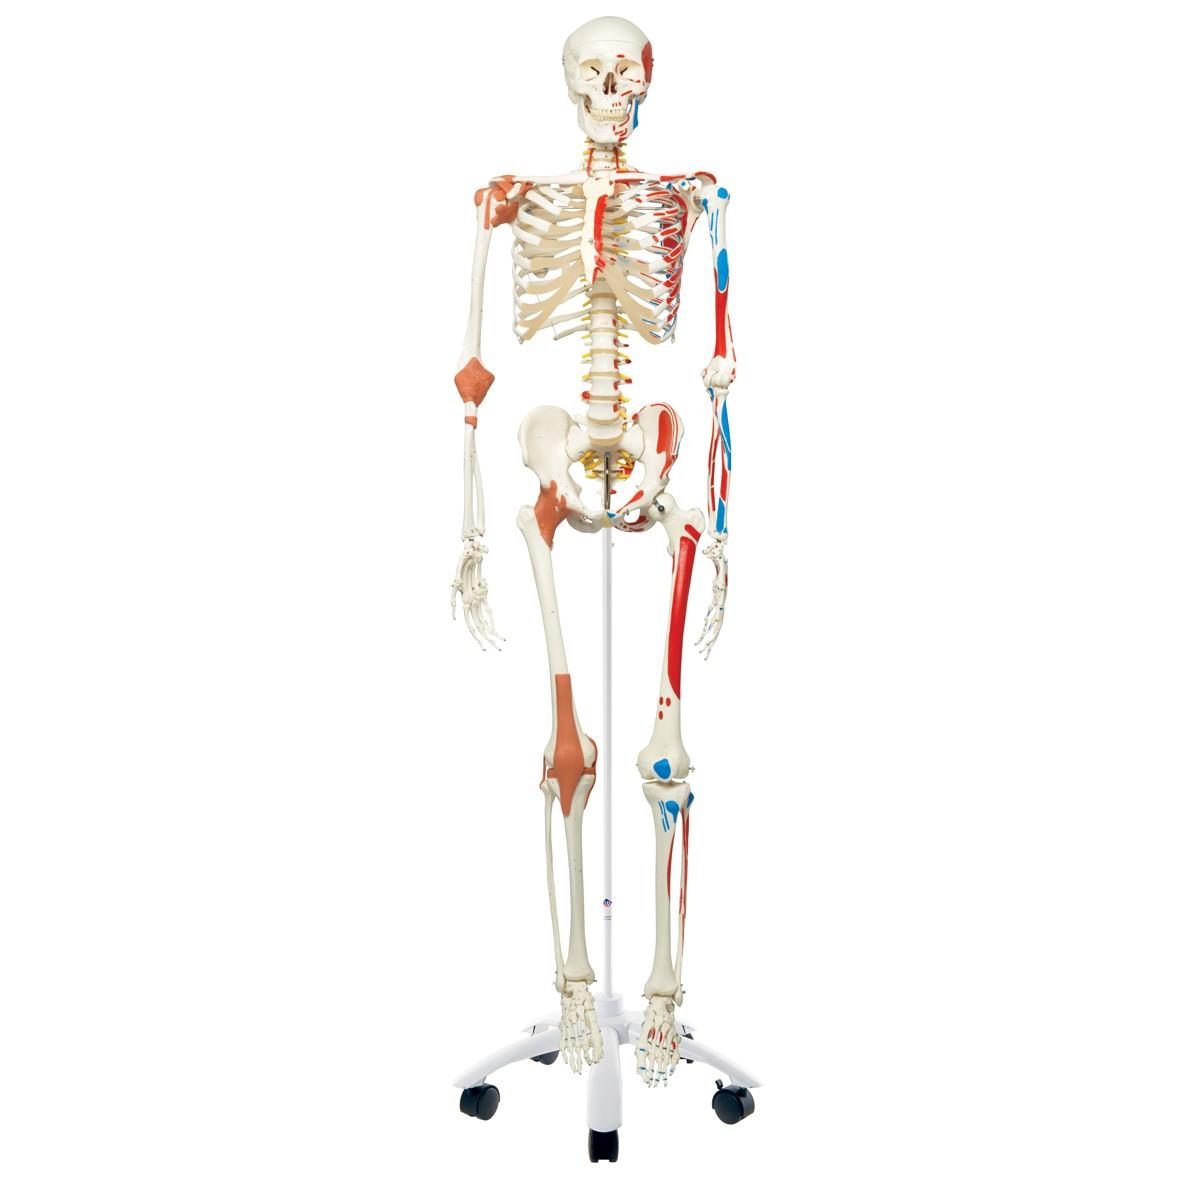 3b Human Skeleton Wmuscles Ligaments Sam Skeletons Skeletal